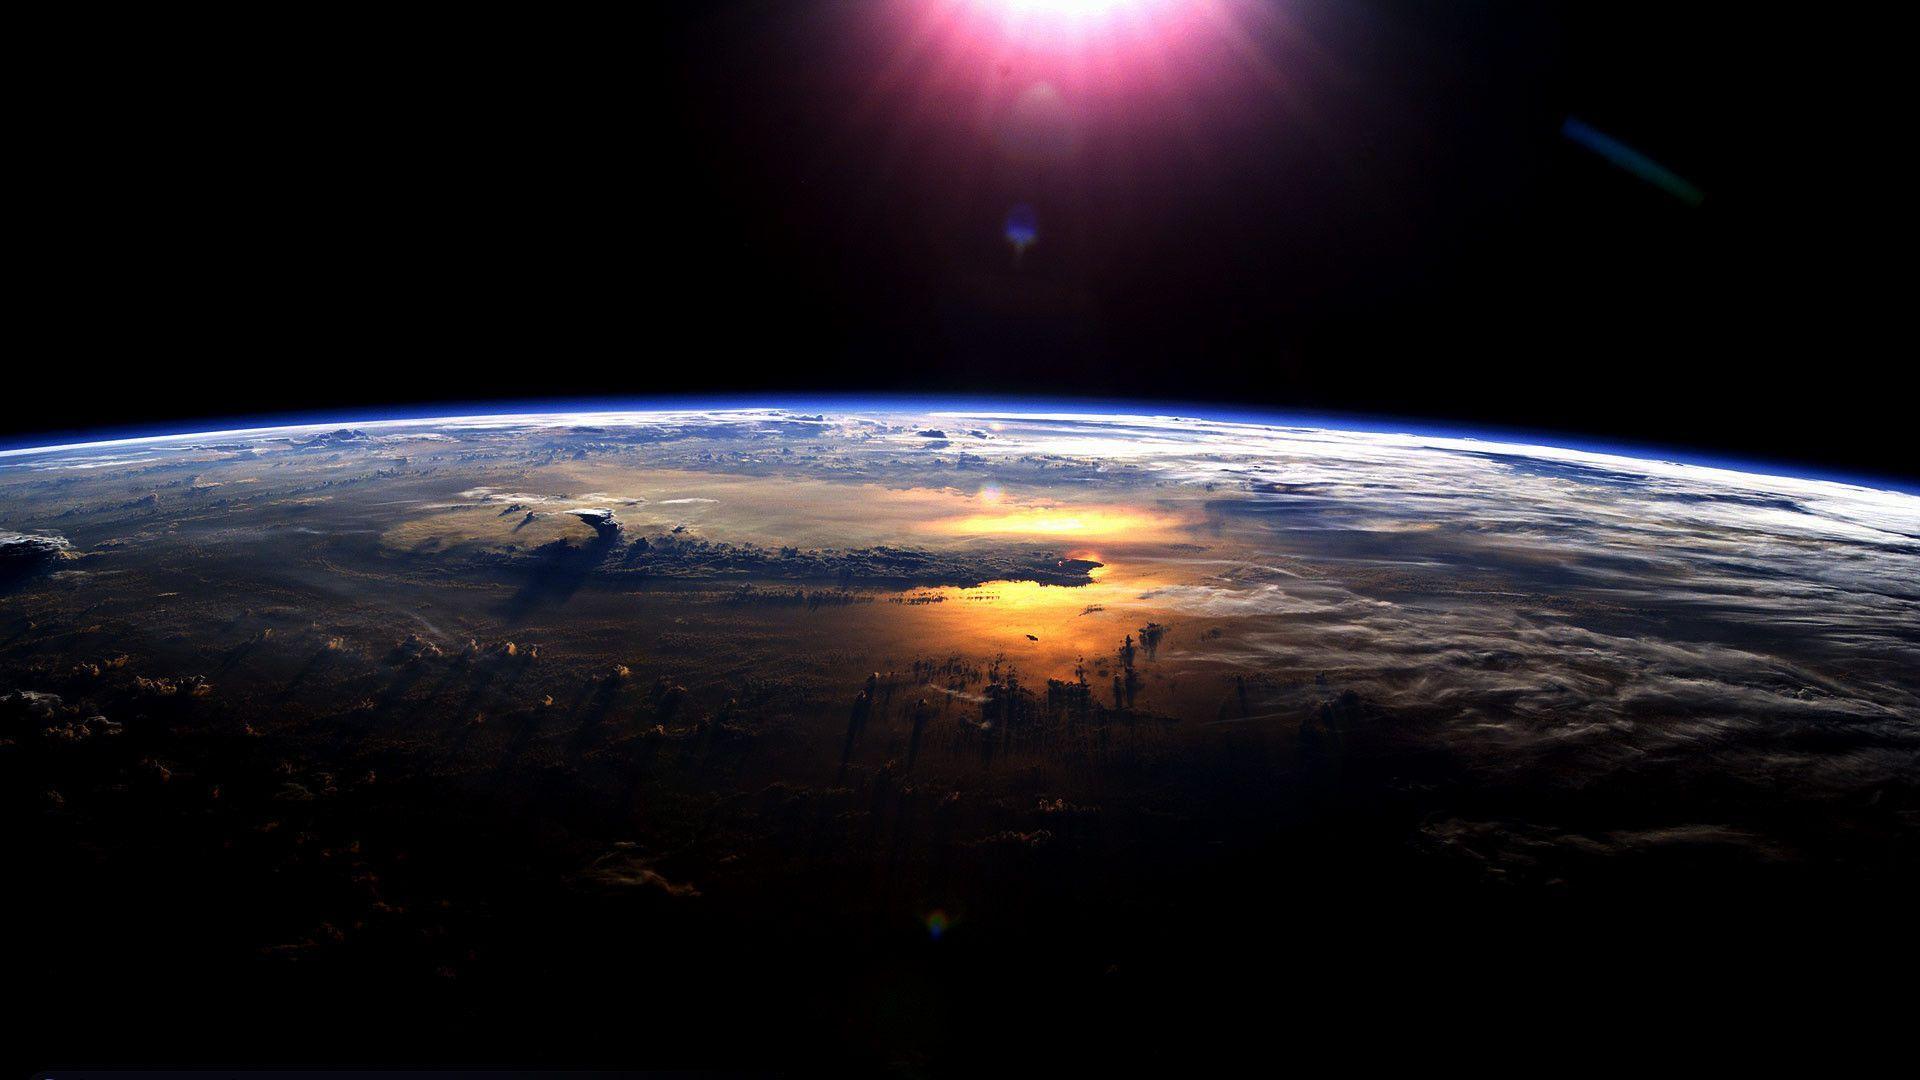 Earth Hd Desktop Wallpapers Top Free Earth Hd Desktop Backgrounds Wallpaperaccess